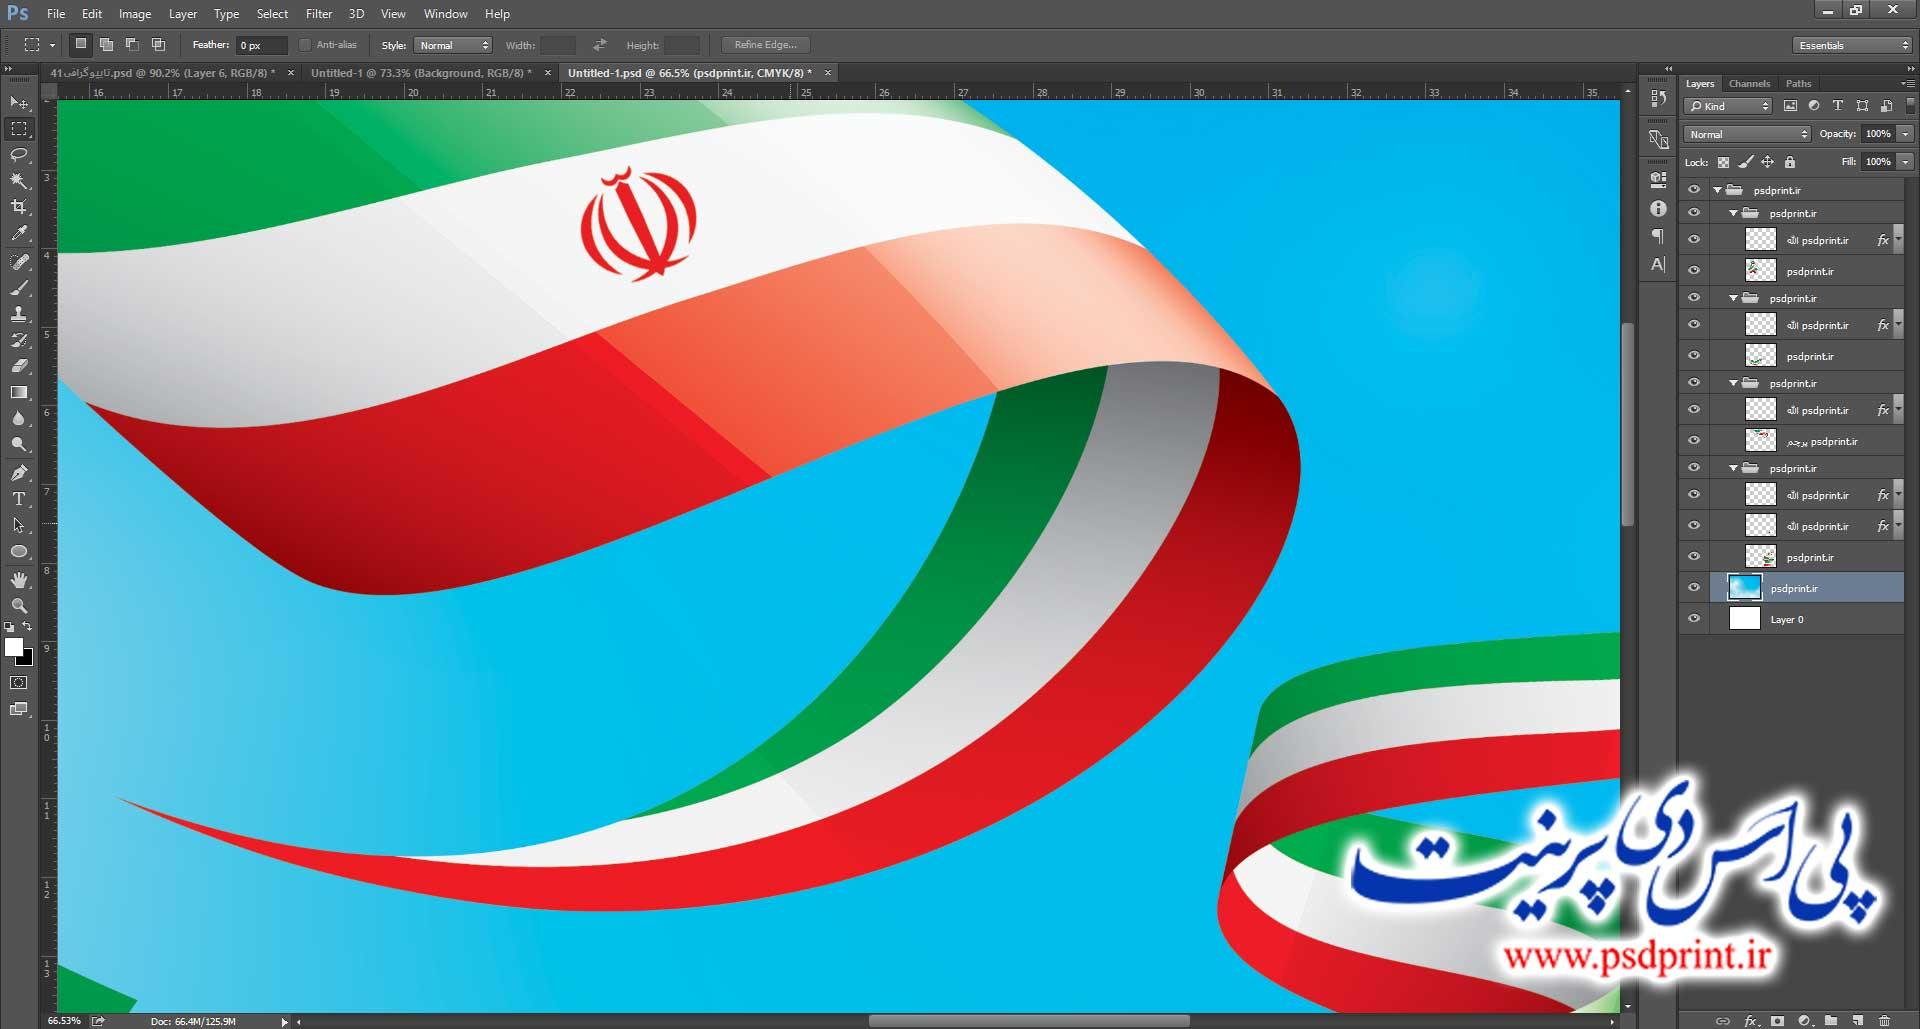 پرچم ایران باکیفیت